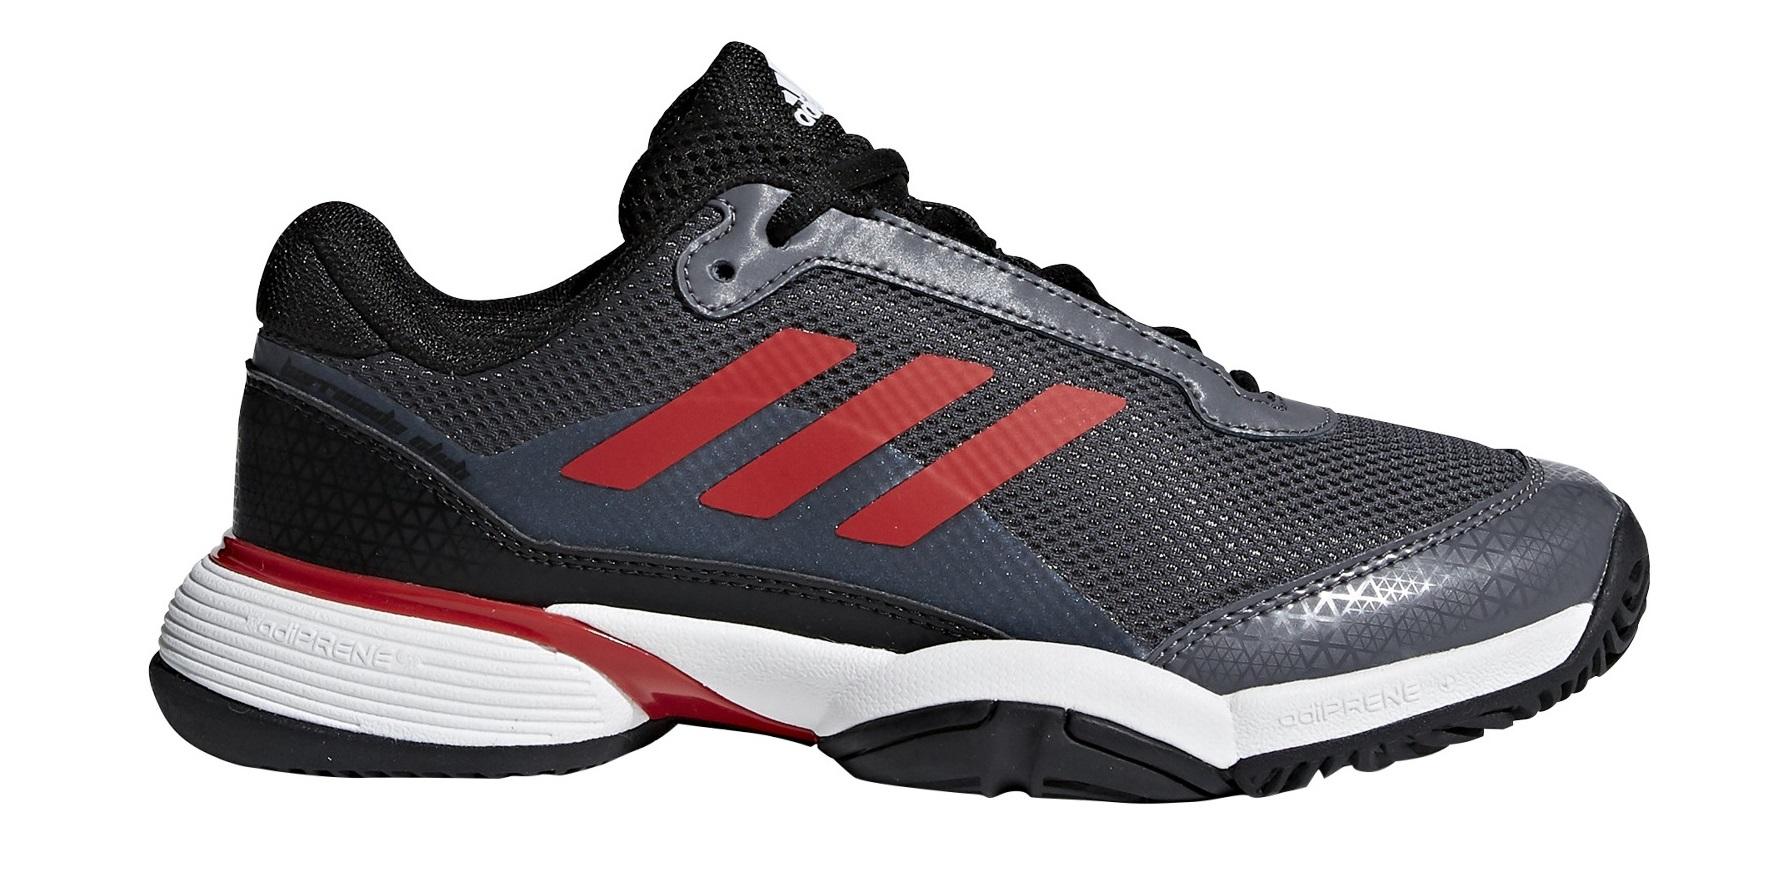 adidas tennis scarpe barricade club